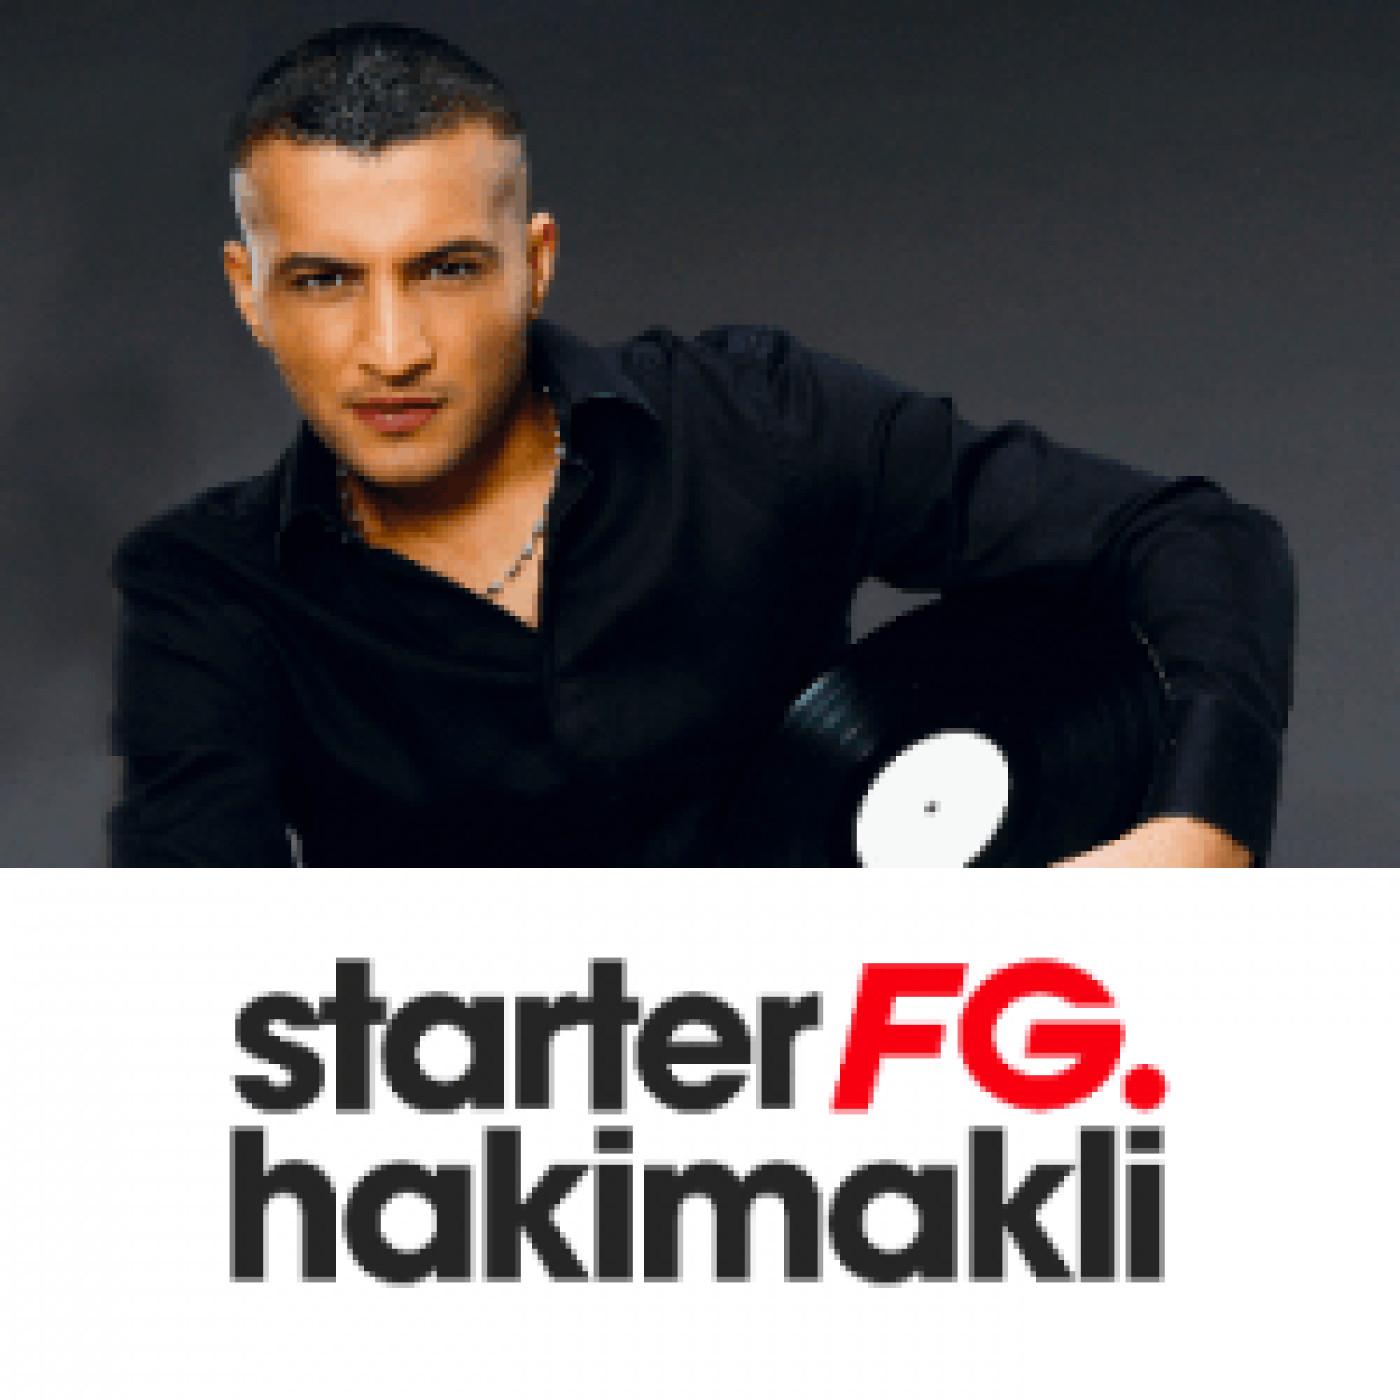 STARTER FG BY HAKIMAKLI JEUDI 22 OCTOBRE 2020